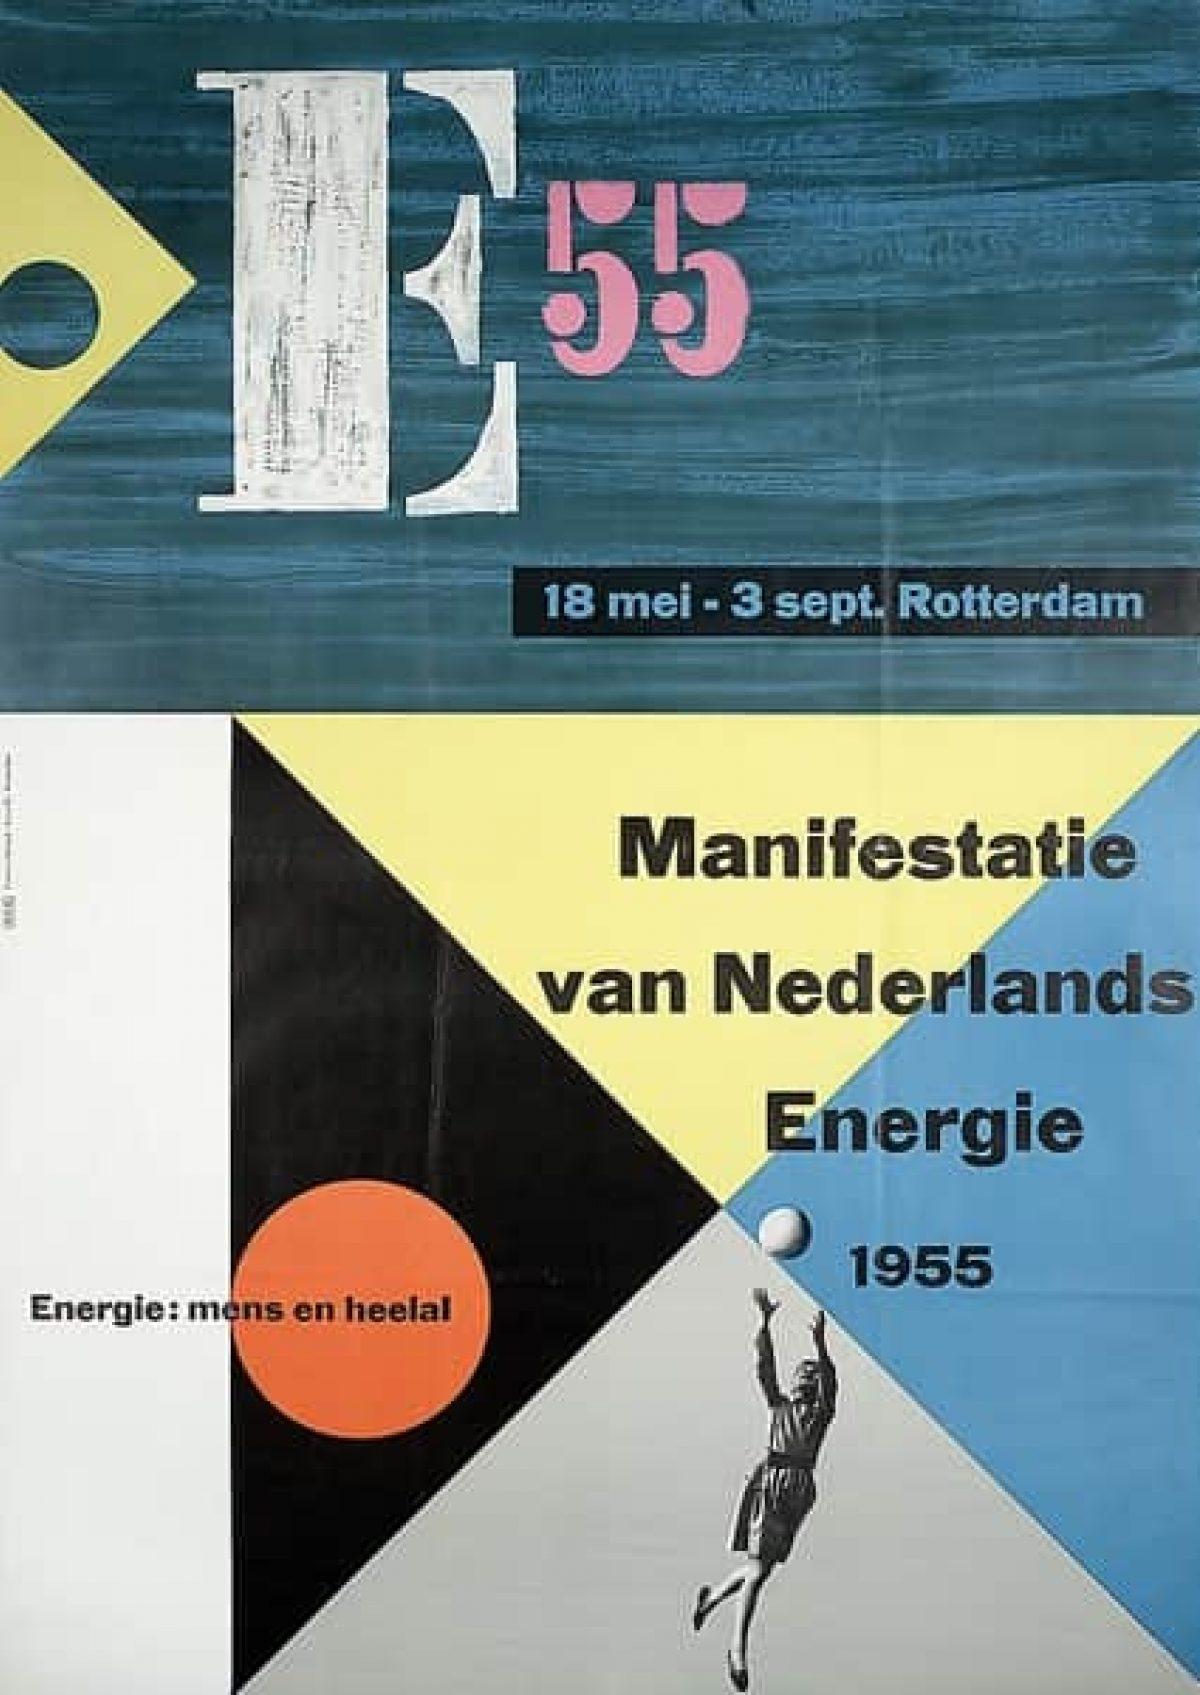 Stadsarchief Rotterdame55 Affiche